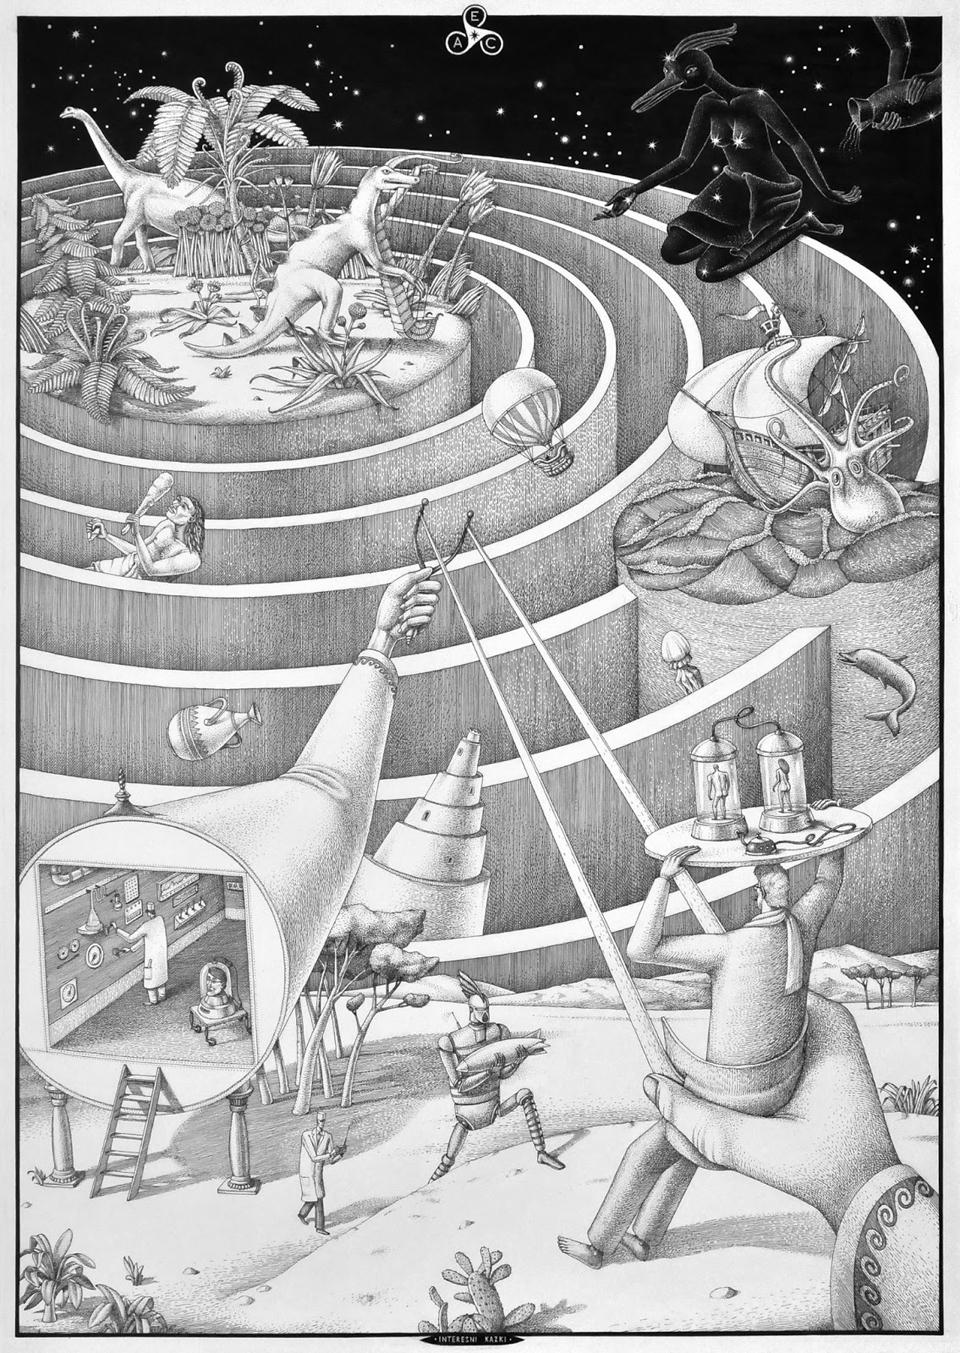 interesni-kazki-time-machine-drawing-01